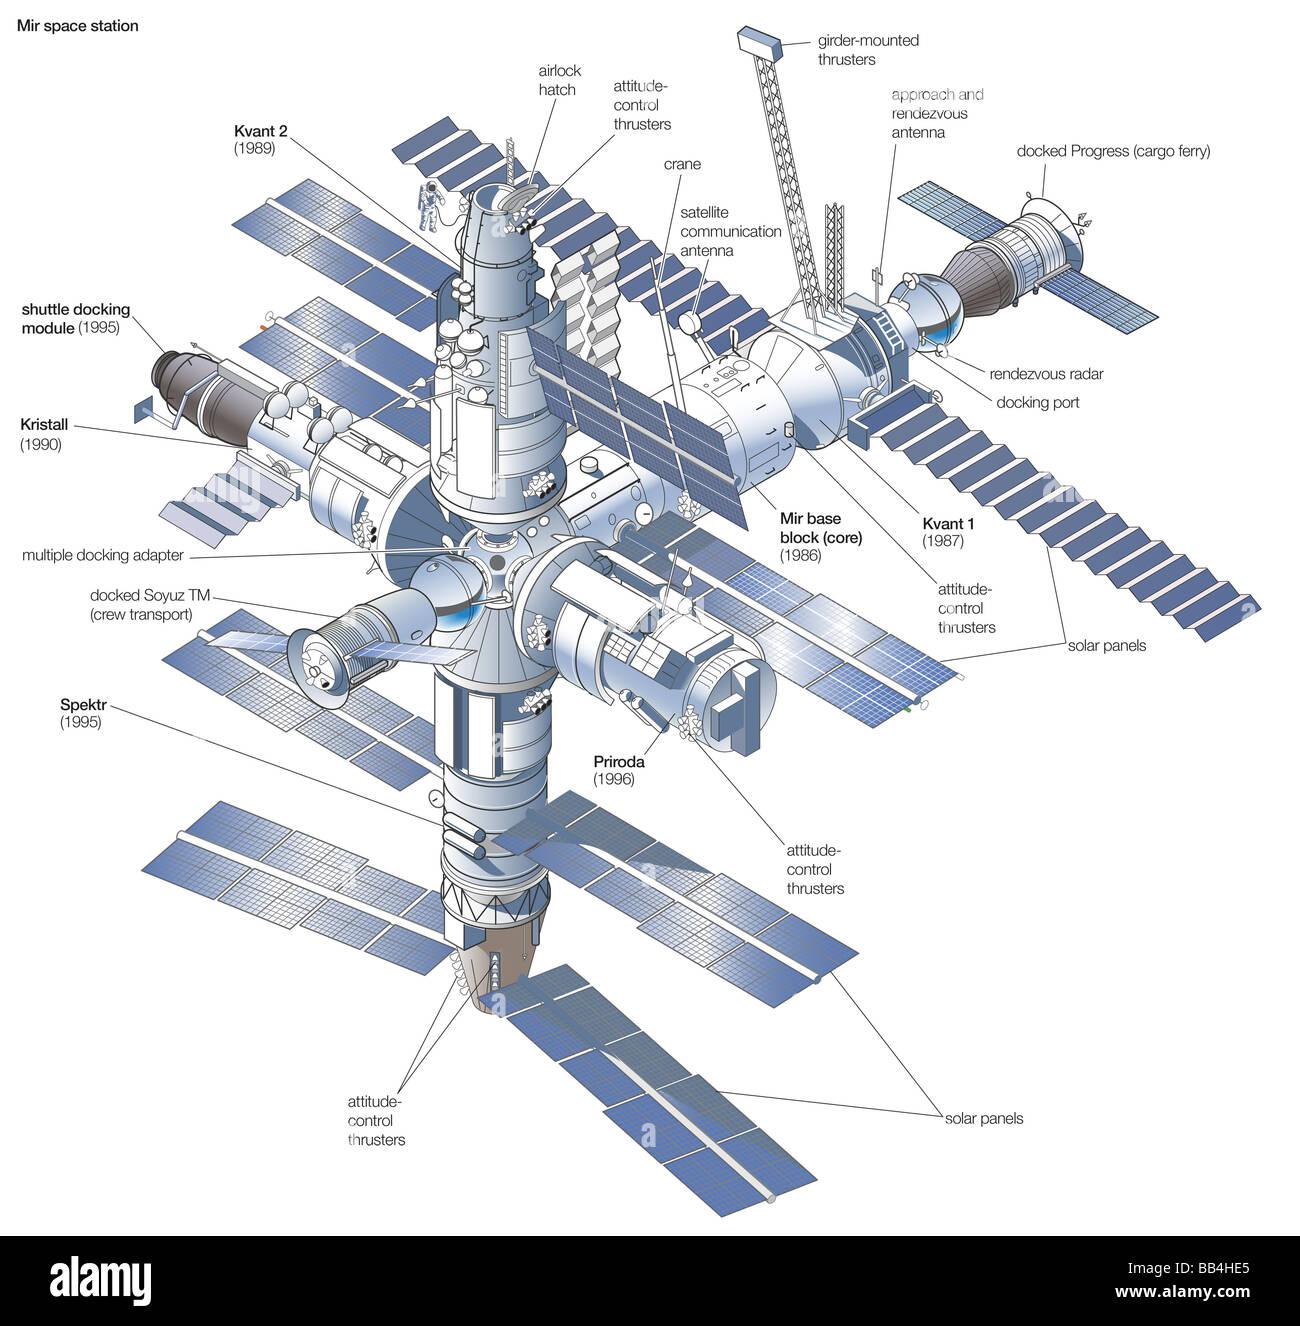 Weltraumstation Mir, nach seiner Fertigstellung im Jahr 1996, mit den Startterminen der einzelnen modularen Komponenten Stockbild